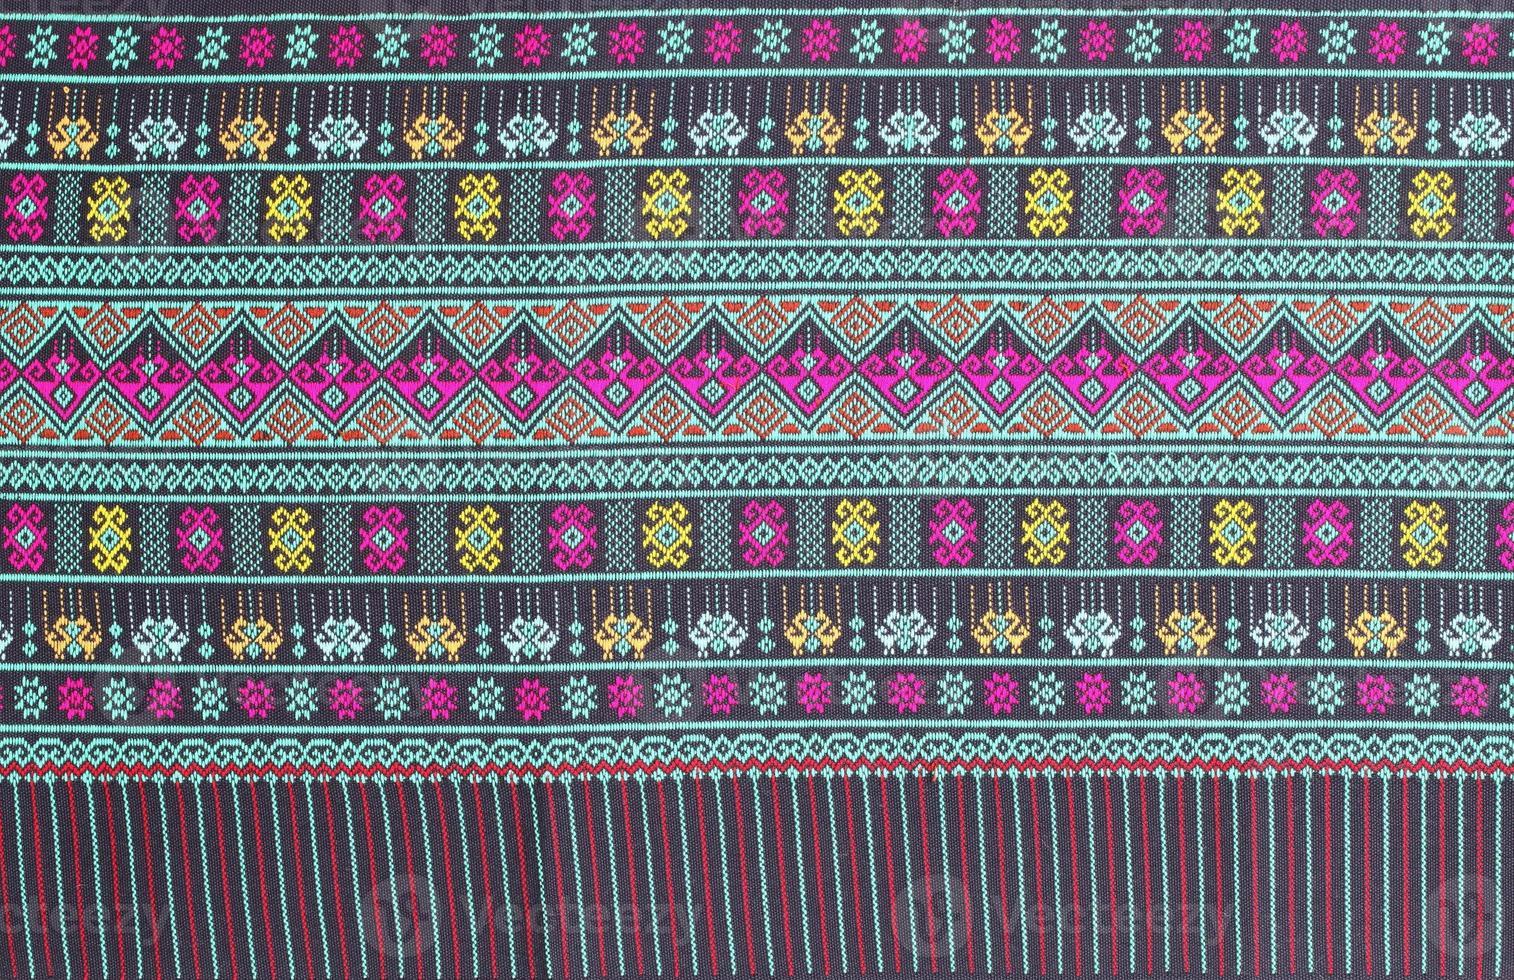 fundo de tecido de seda tailandês foto